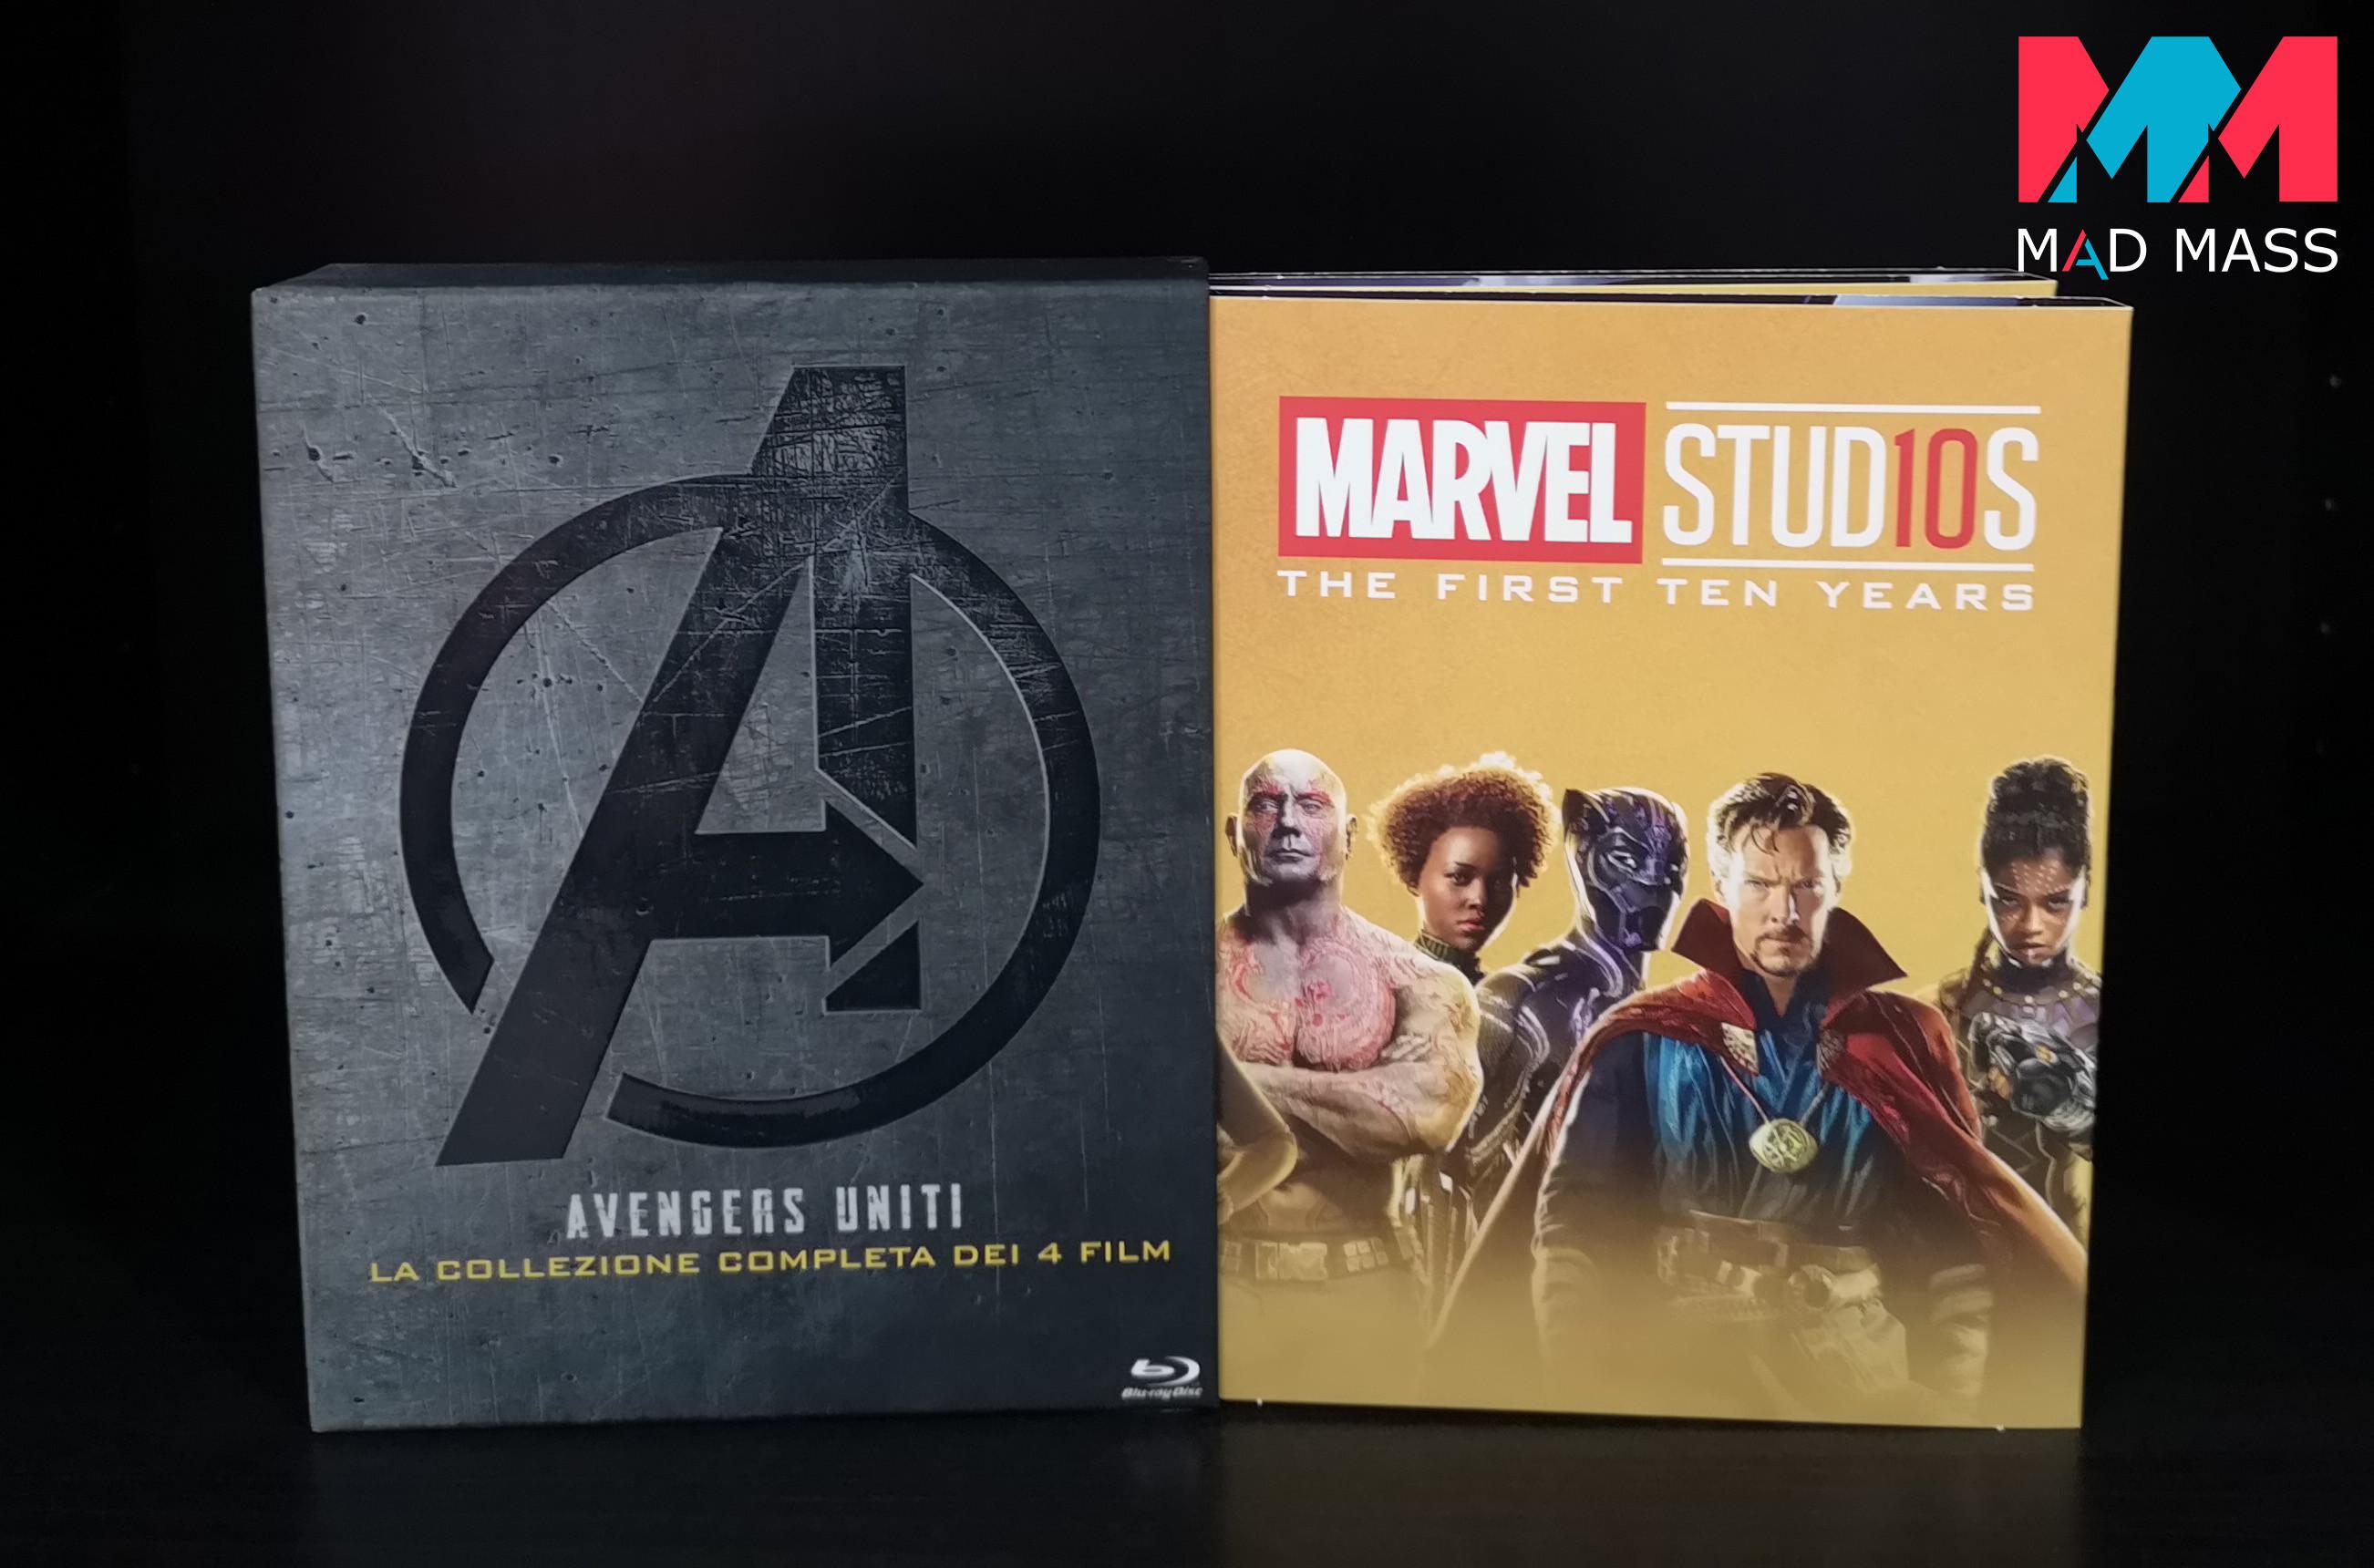 Avengers Uniti: la collezione completa dei 4 film in Blu-ray